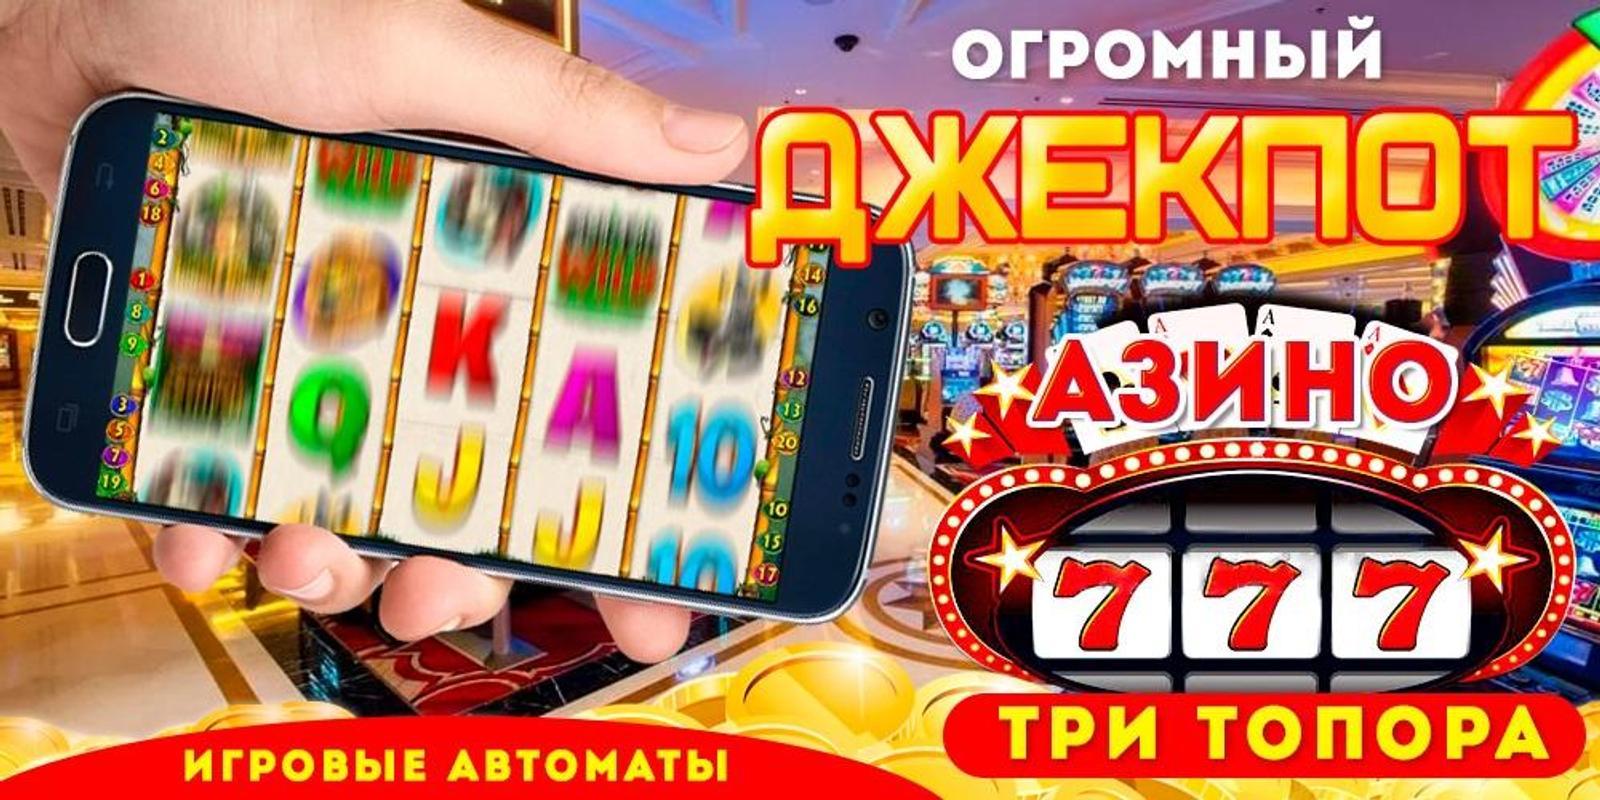 Алексей Долматов (Гуф) в новой рекламе АЗИНО 777 (азино три топора)